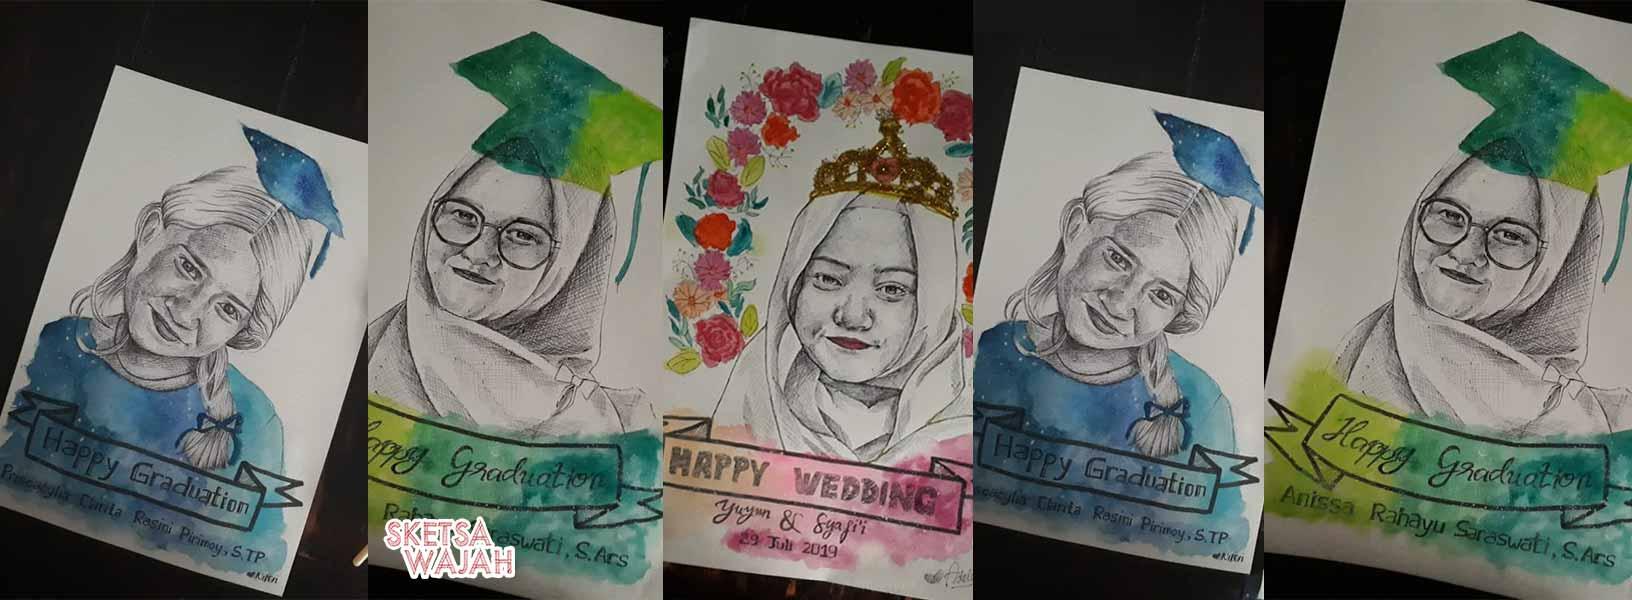 Karya Adelia Novi sketcher Sketsa Wajah